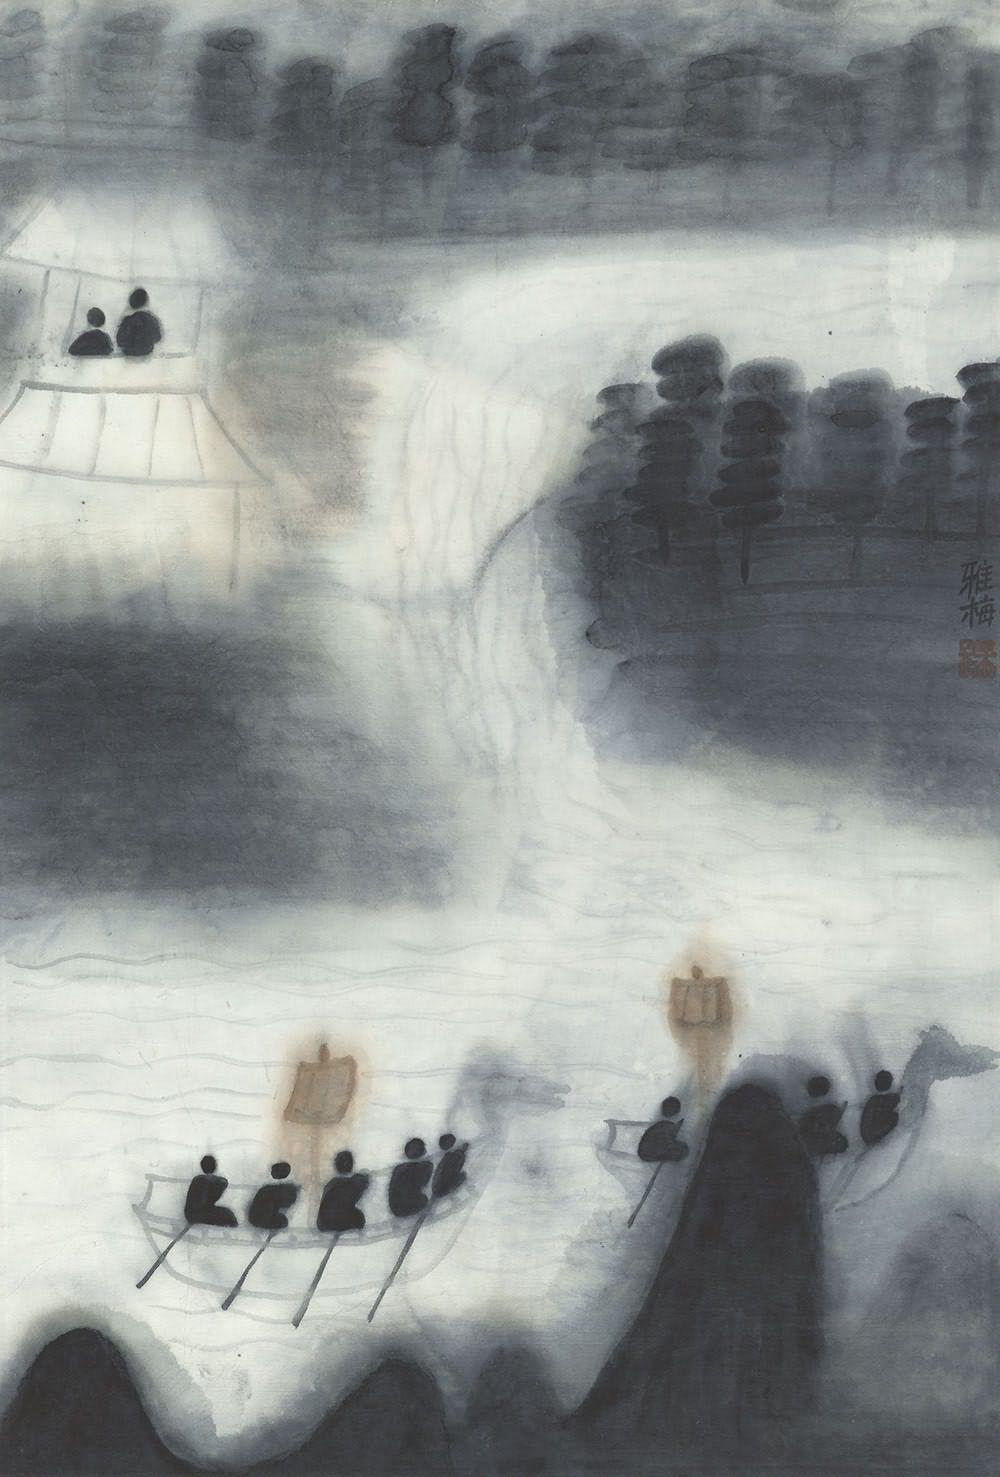 壁纸 风景 旅游 瀑布 山水 桌面 1000_1477 竖版 竖屏 手机